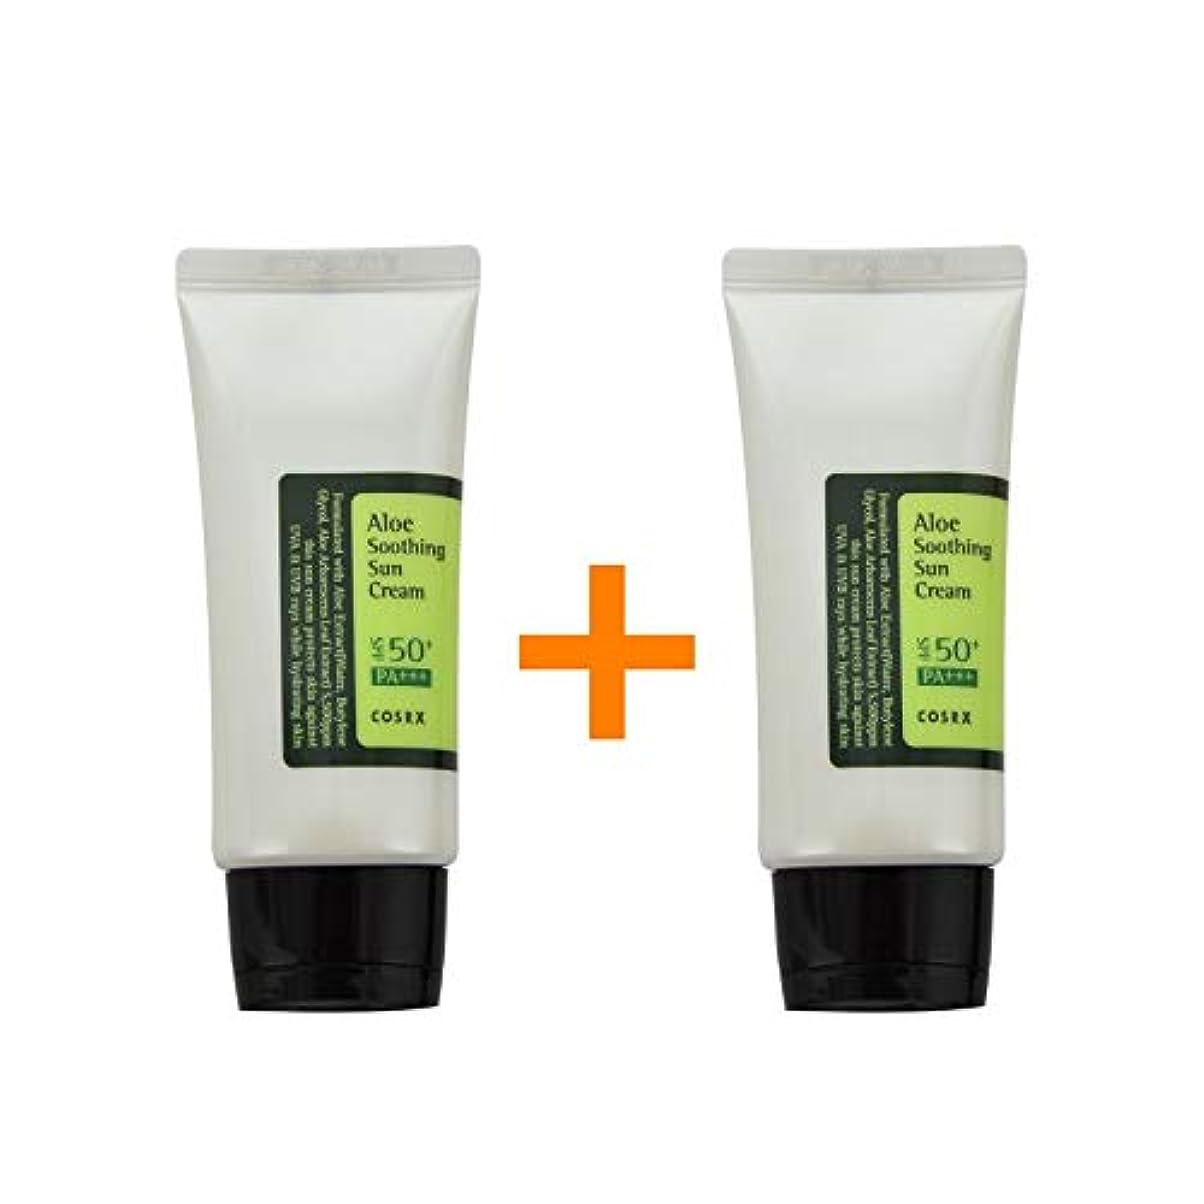 バイナリしなやかな比較[ 1 + 1 ] COSRX コースアールエックス アロエ スージング サンクリーム Aloe Soothing sun cream (50ml) SPF50+/PA+++ 韓国日焼け止め